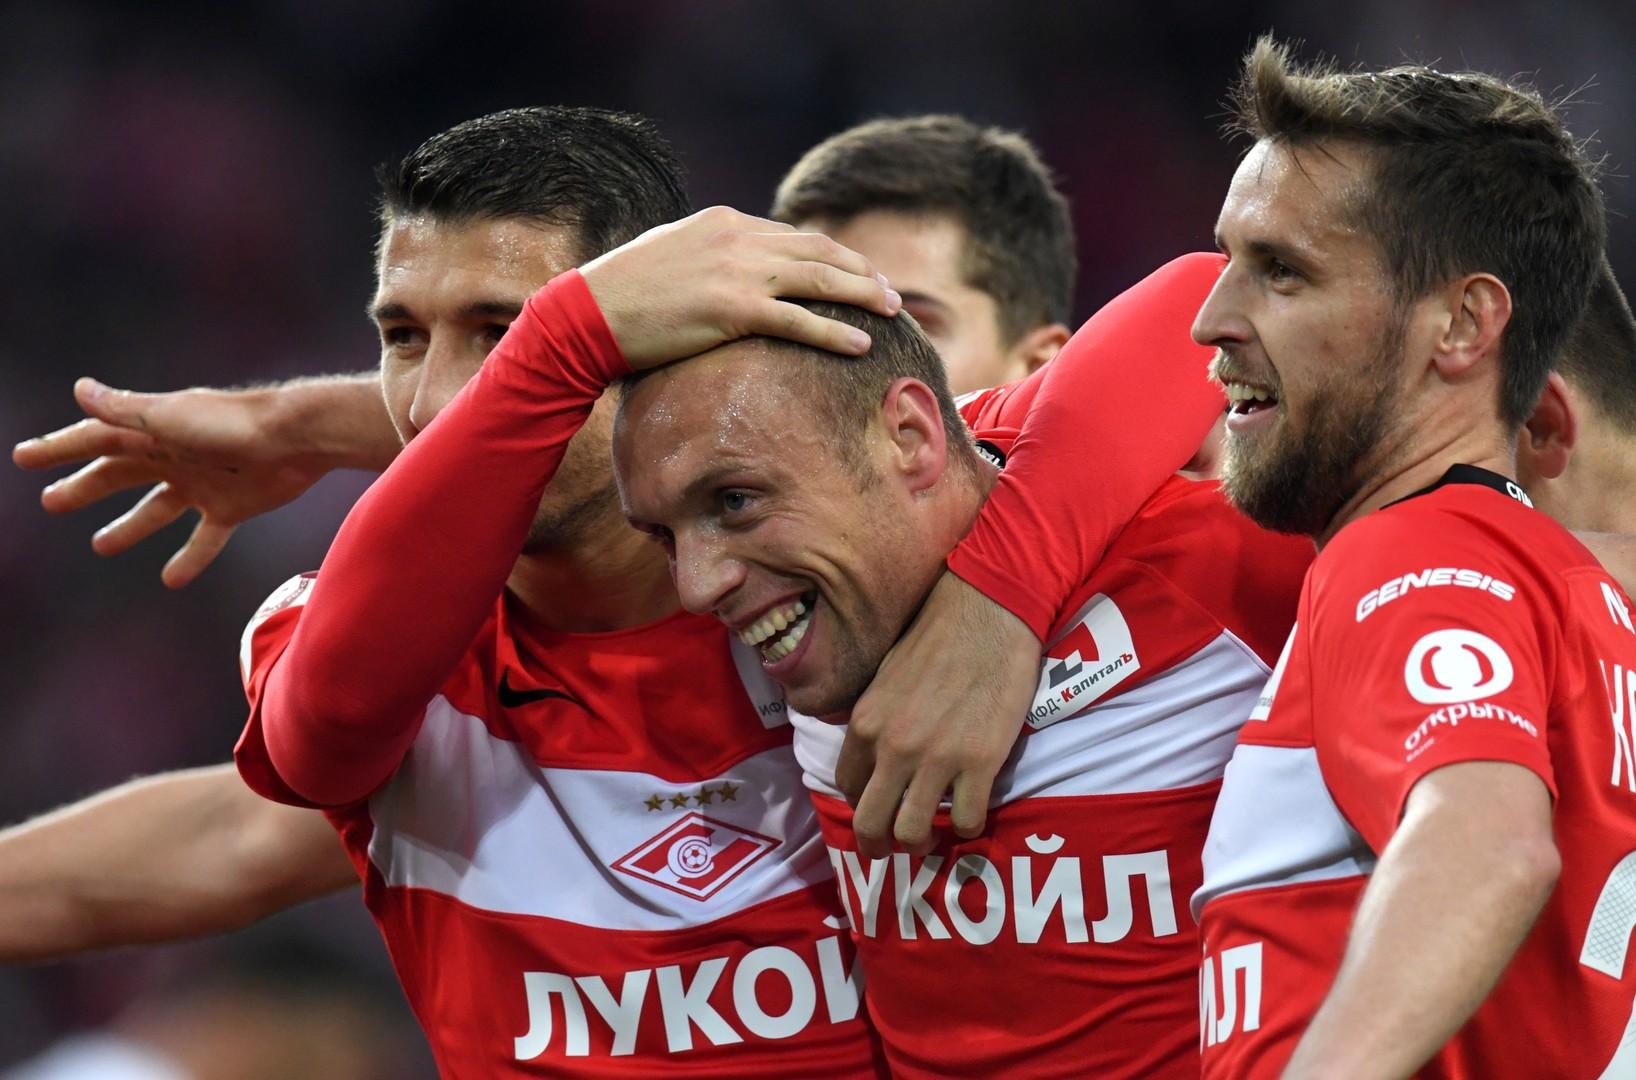 С красно-белым акцентом: символическая сборная РФПЛ сезона-2016/17 по версии RT